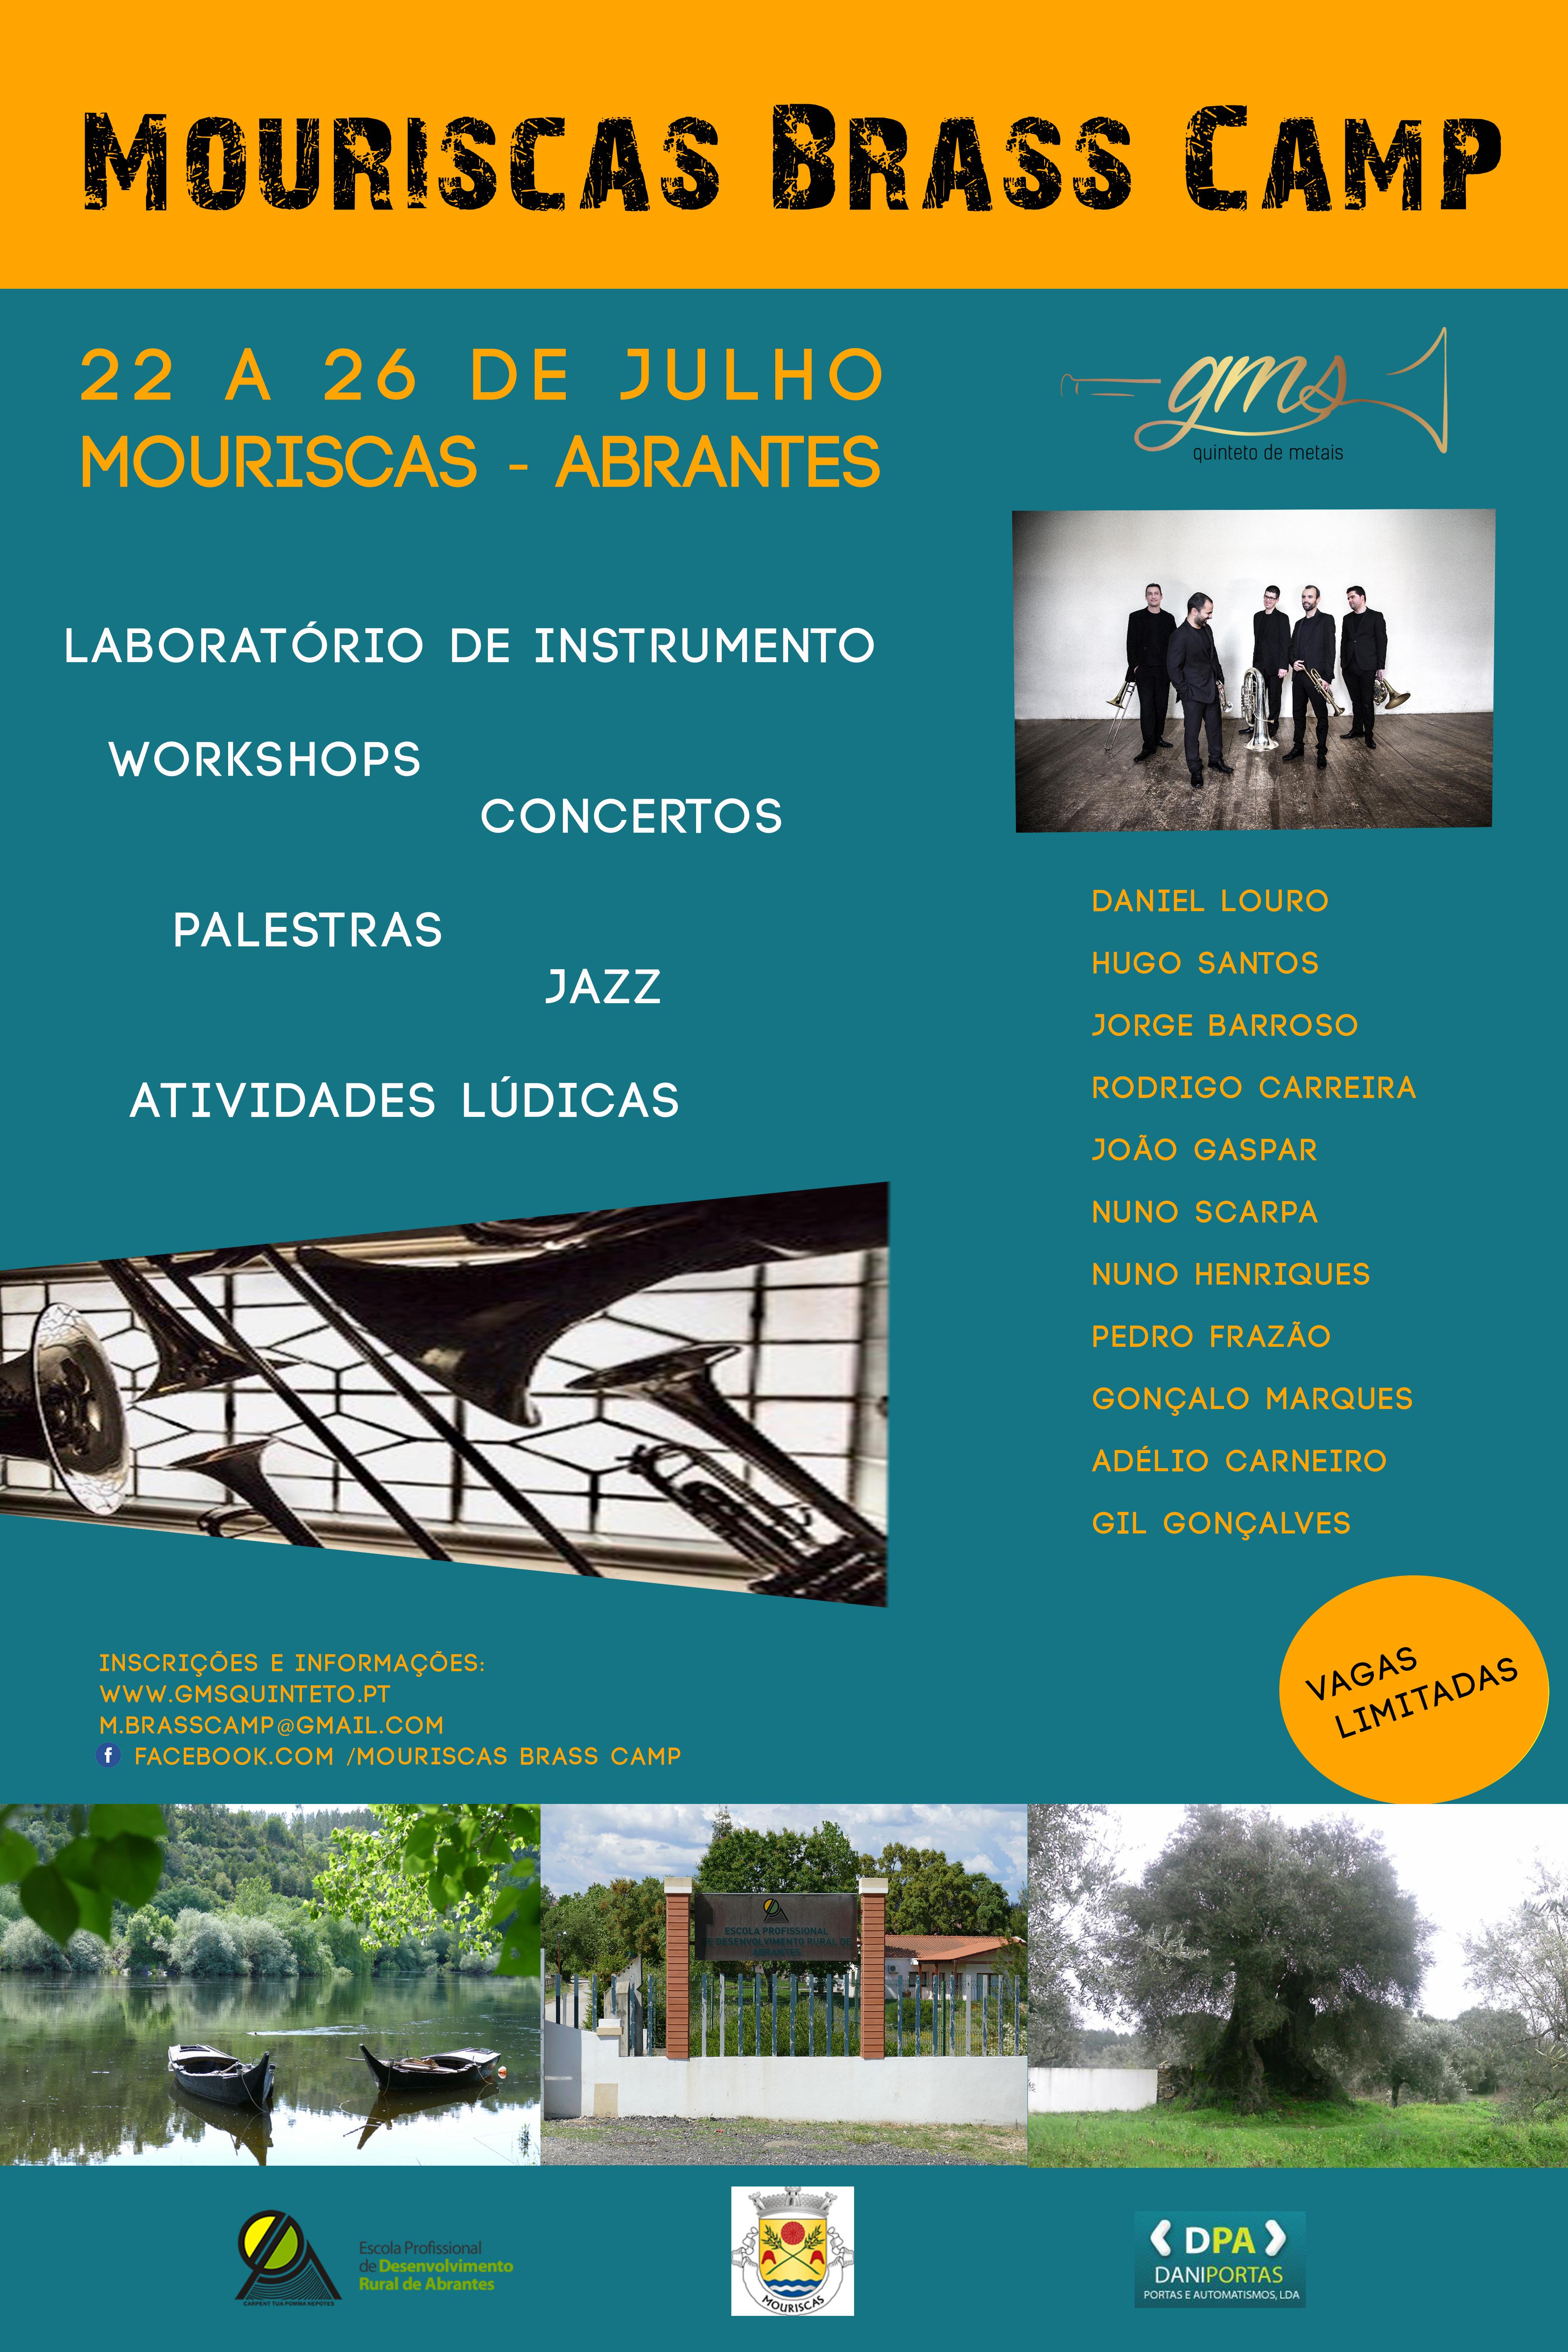 Mouriscas Brass Camp